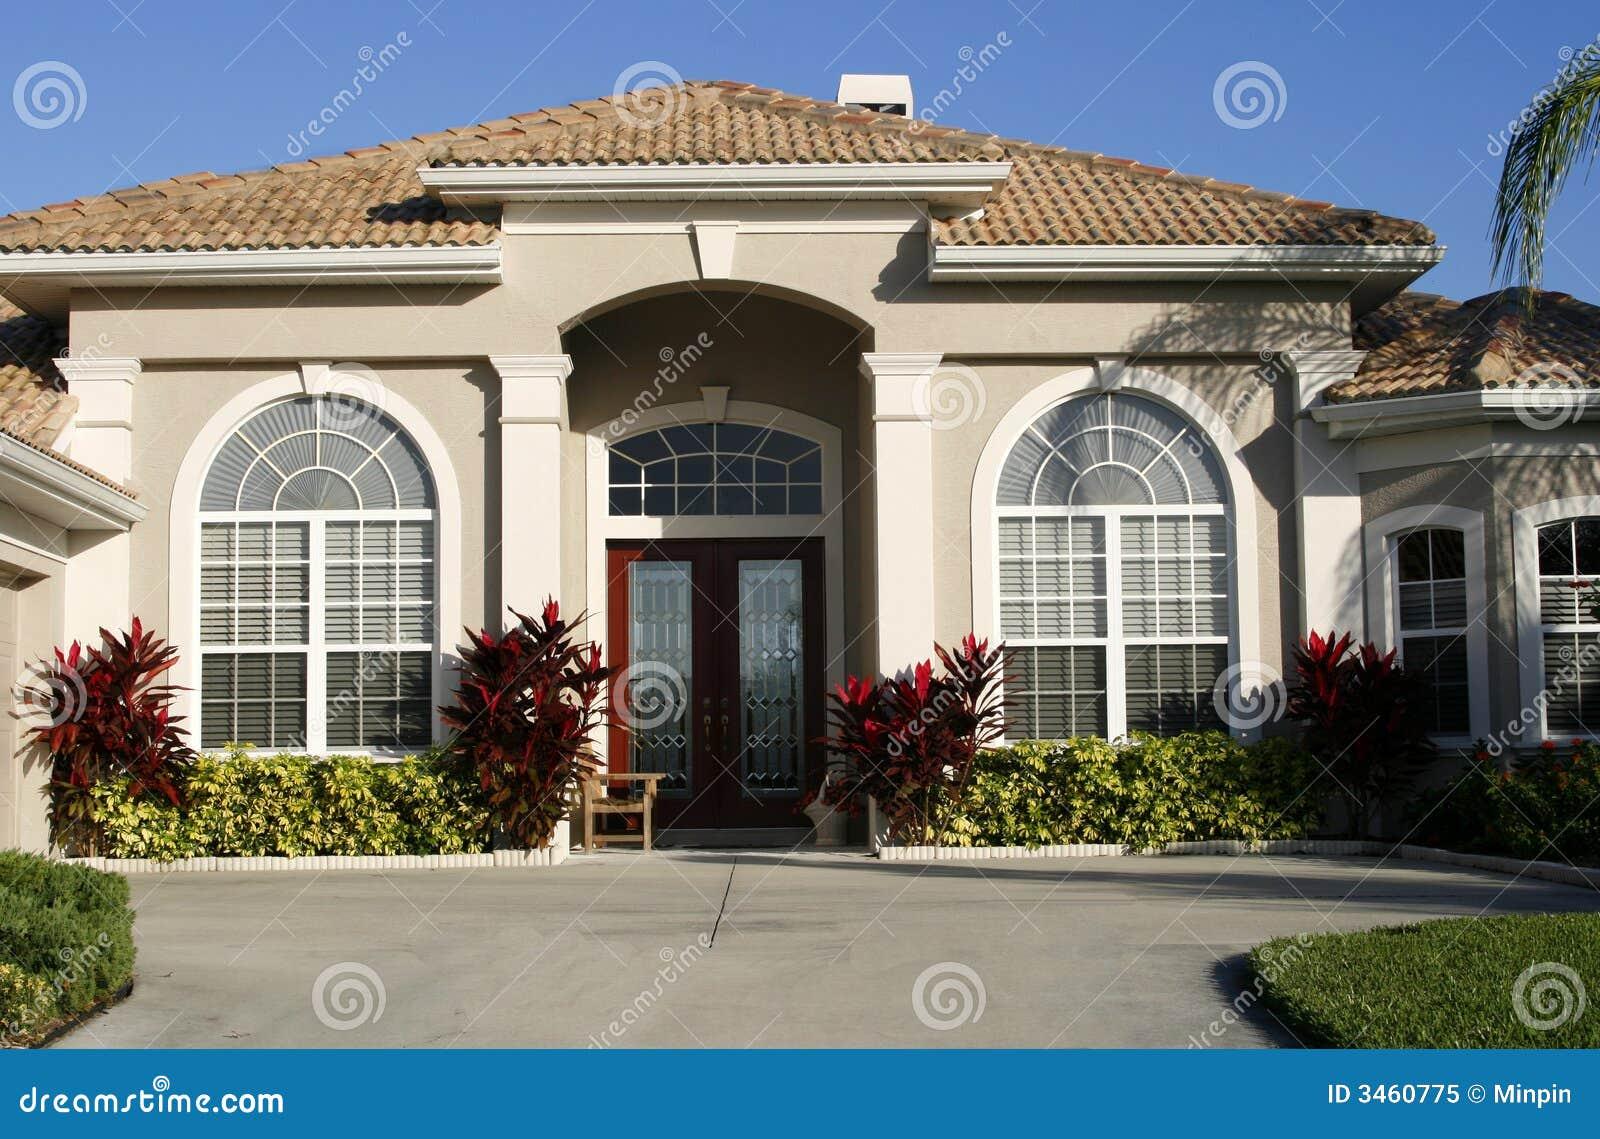 Ingang aan mooi huis royalty vrije stock foto afbeelding 3460775 - Huis ingang ...